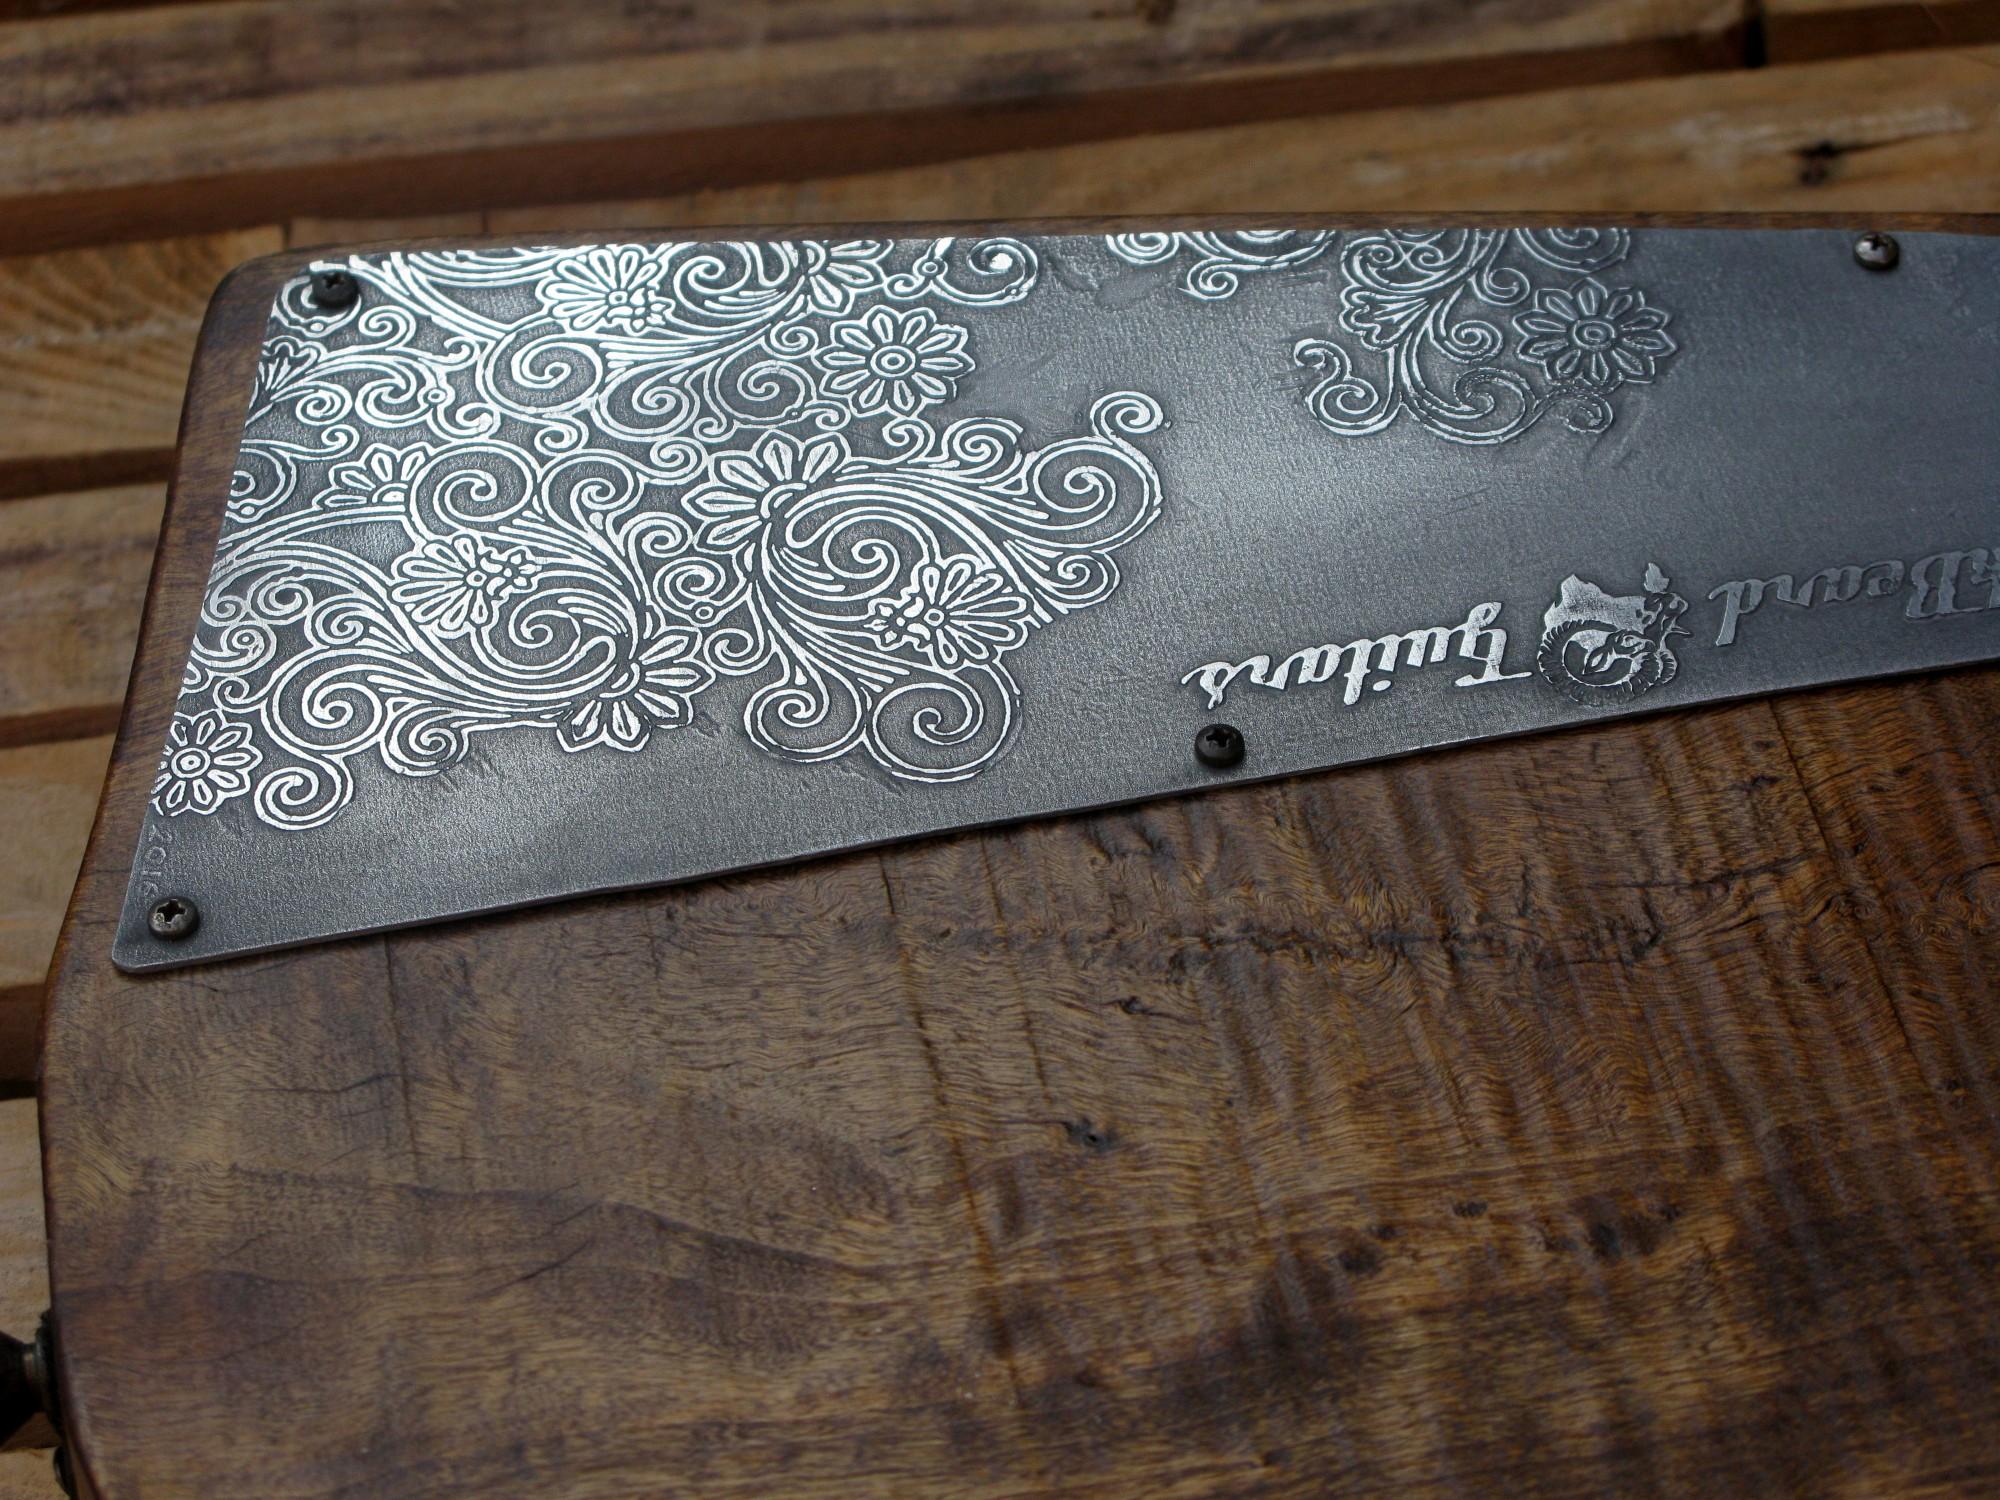 Coperchio inciso del vano sul retro del body in pioppo di una chitarra elettrica con manico in acero